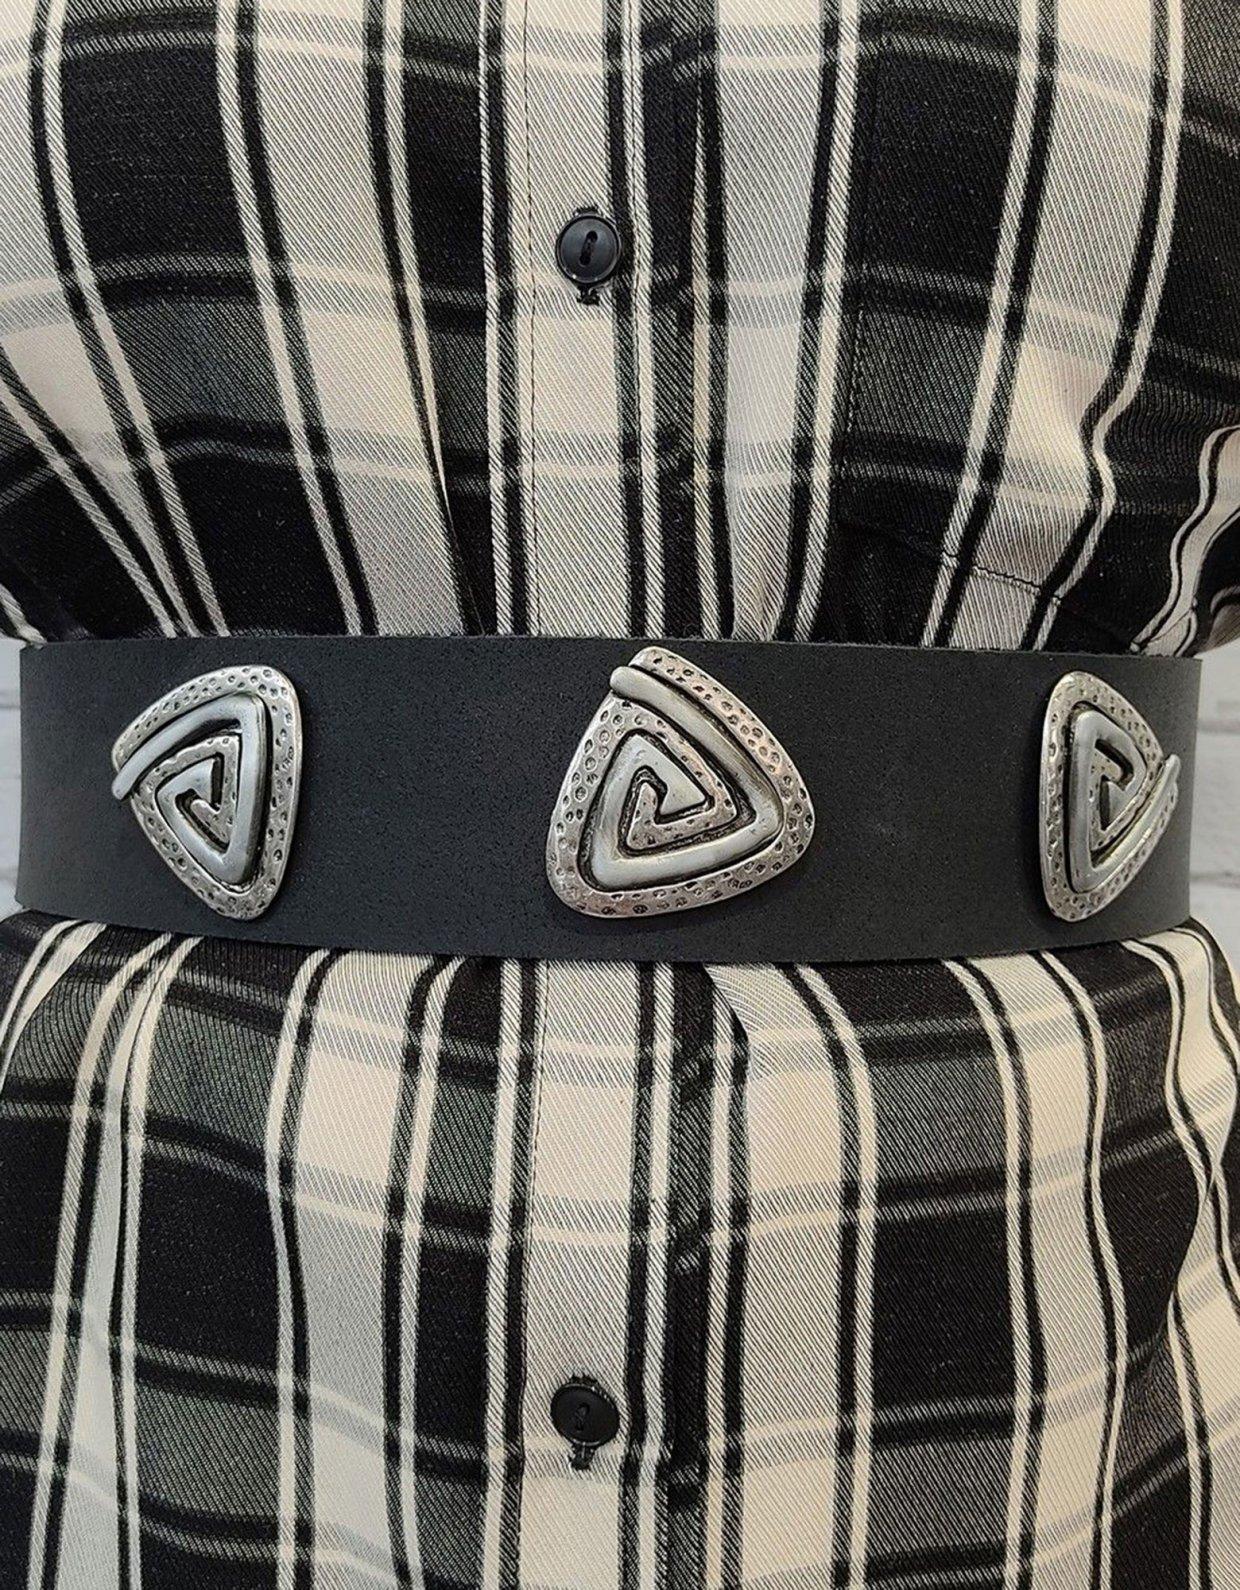 Peace & Chaos Three jewels belt black